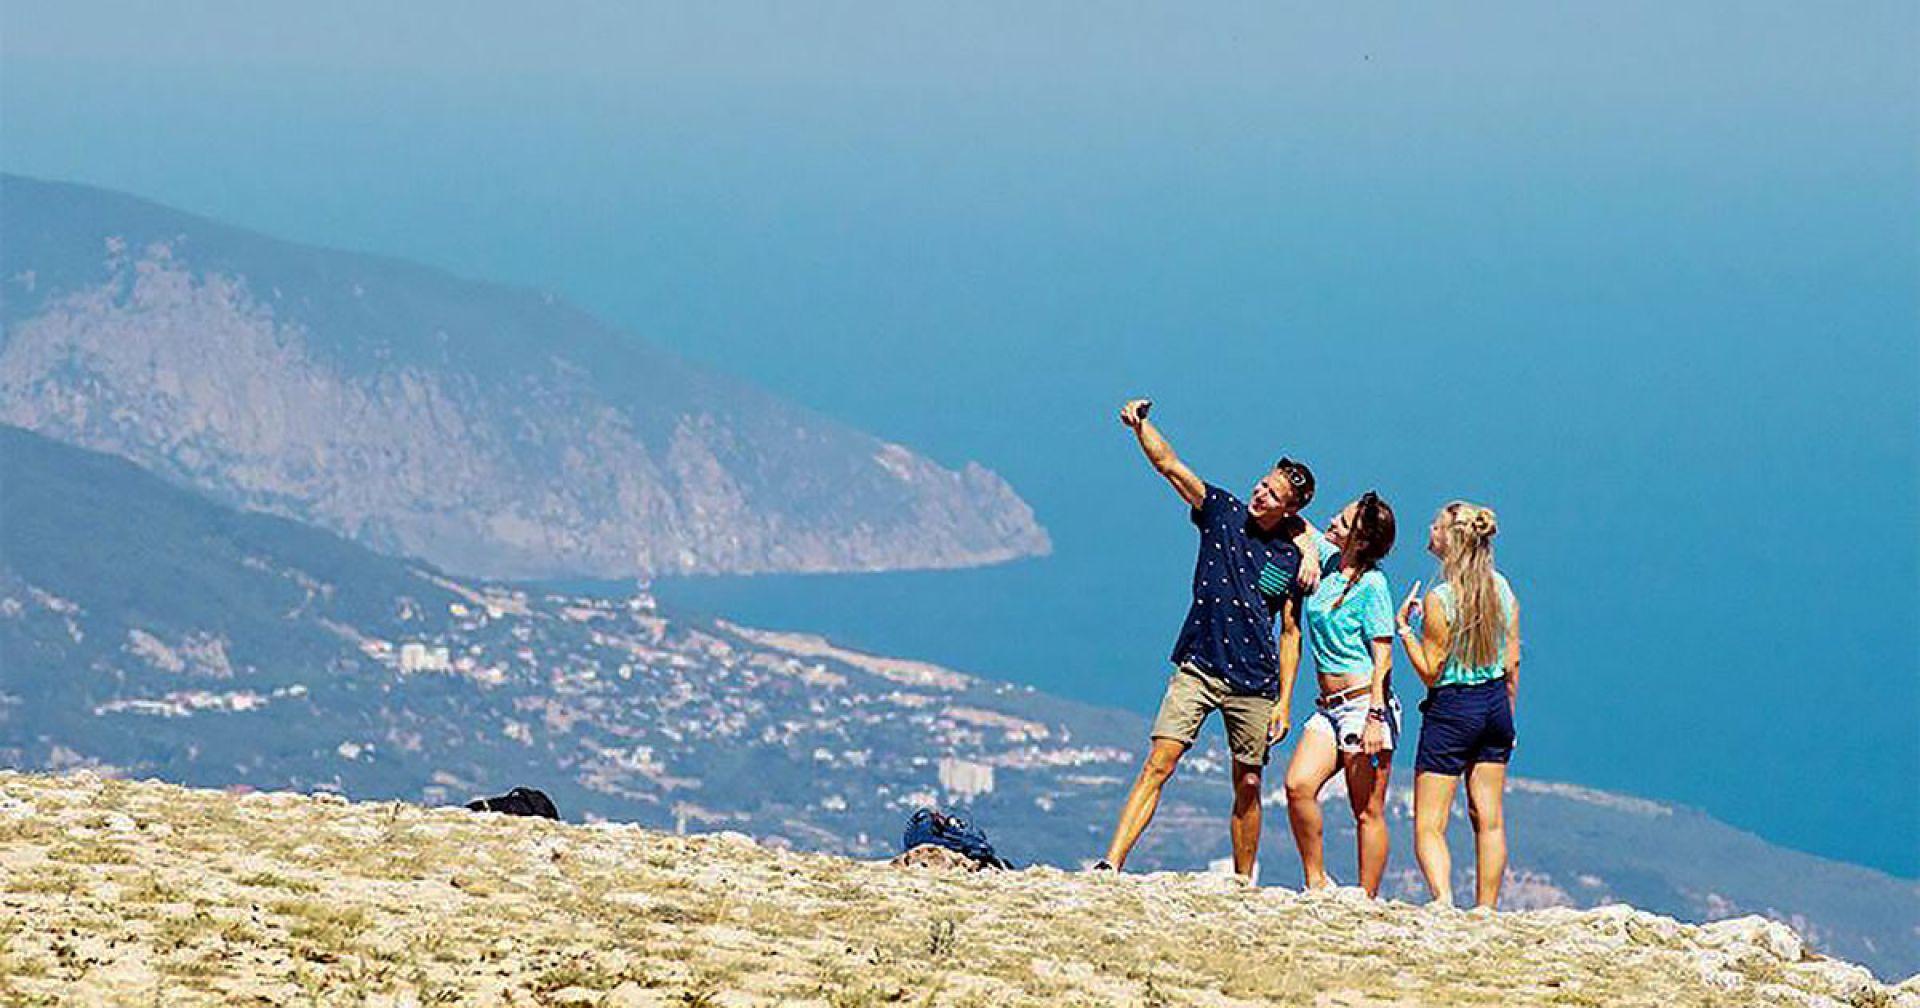 В Крыму отдохнули больше 5 миллионов туристов — Аксенов